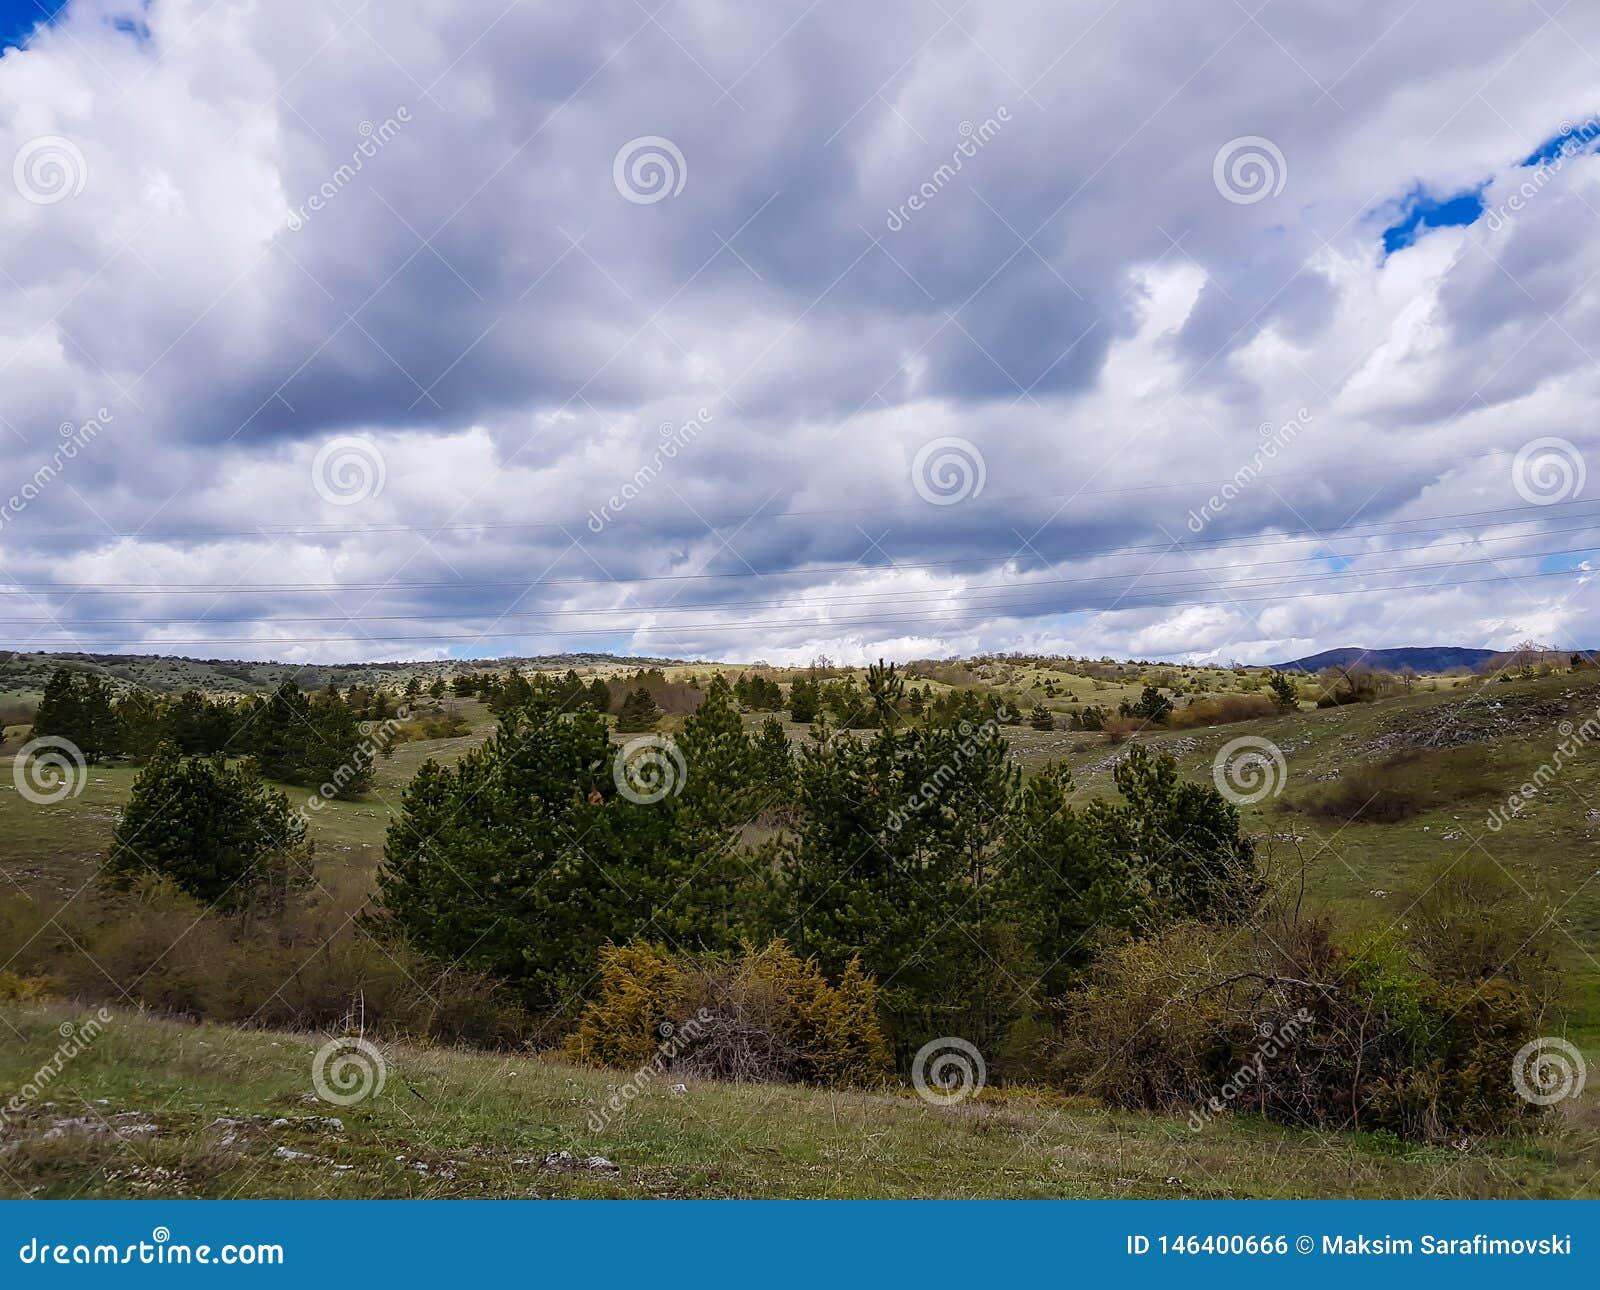 Campo montanhoso da primavera, paisagem maravilhosa com prado gramíneo e montes florestados